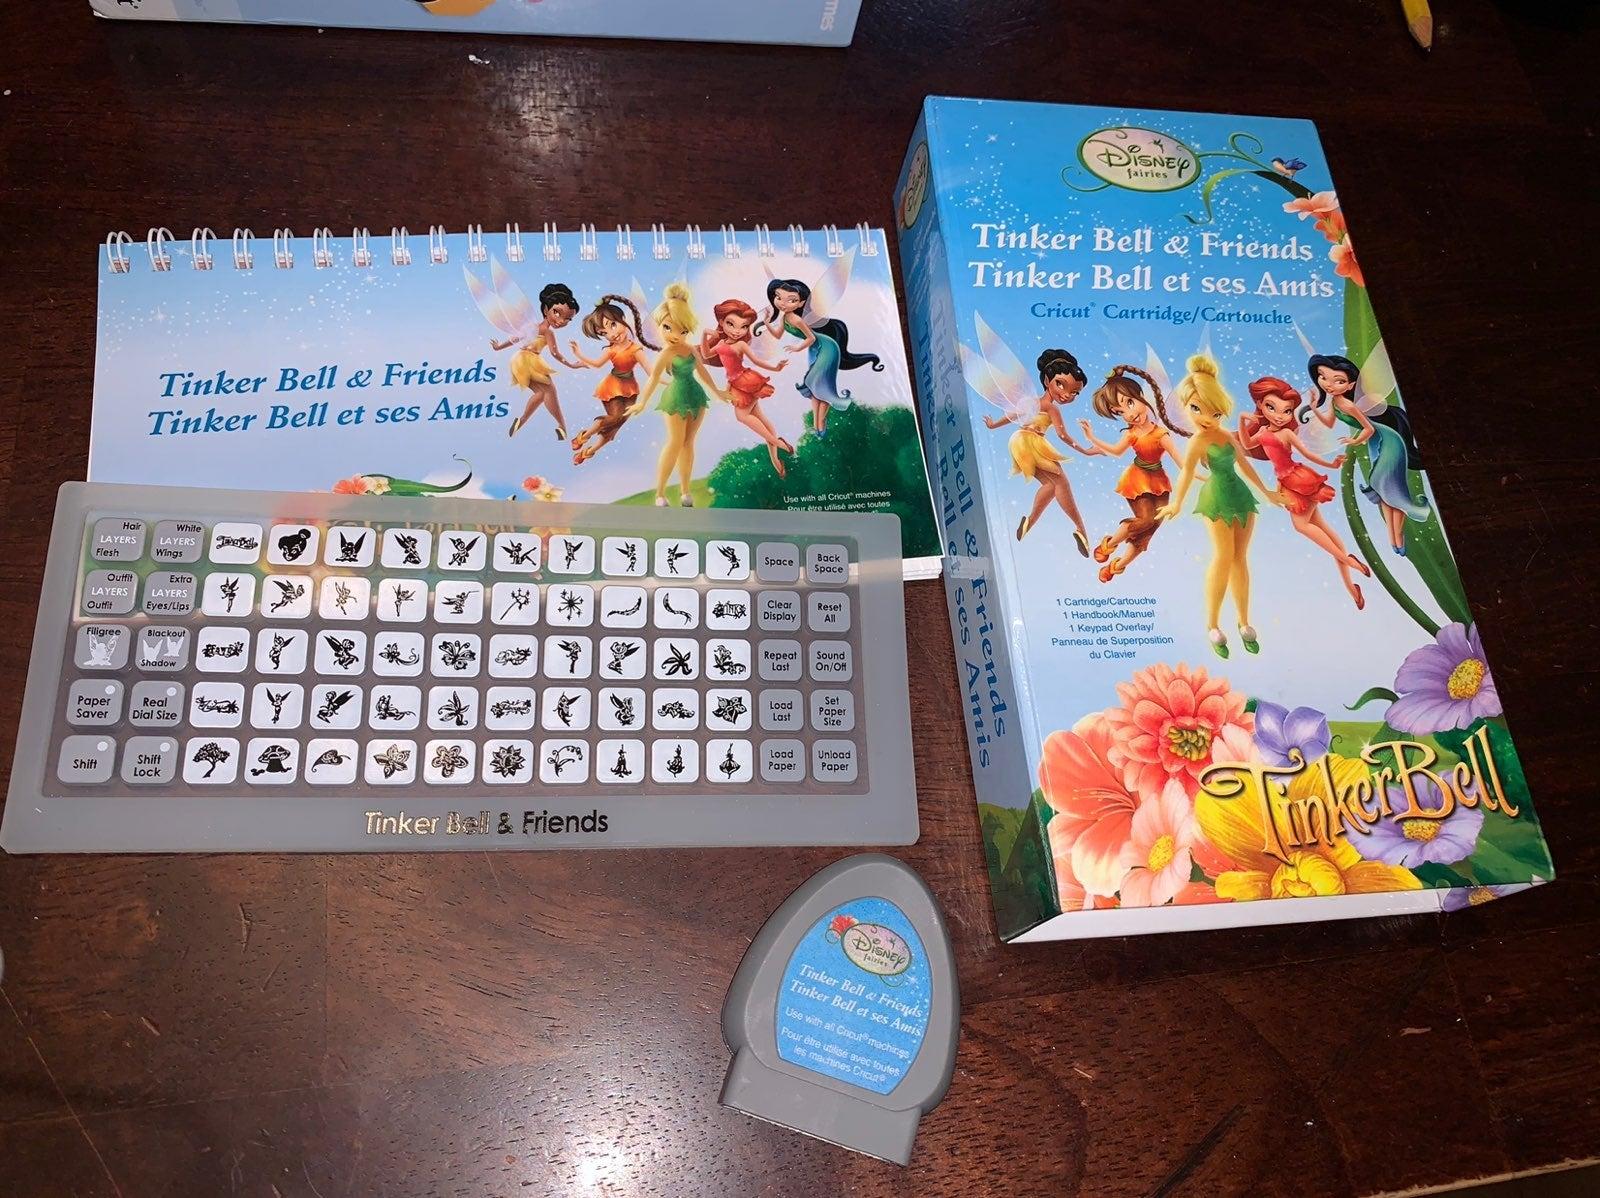 Tinker Bell and Friends cricut cartridge